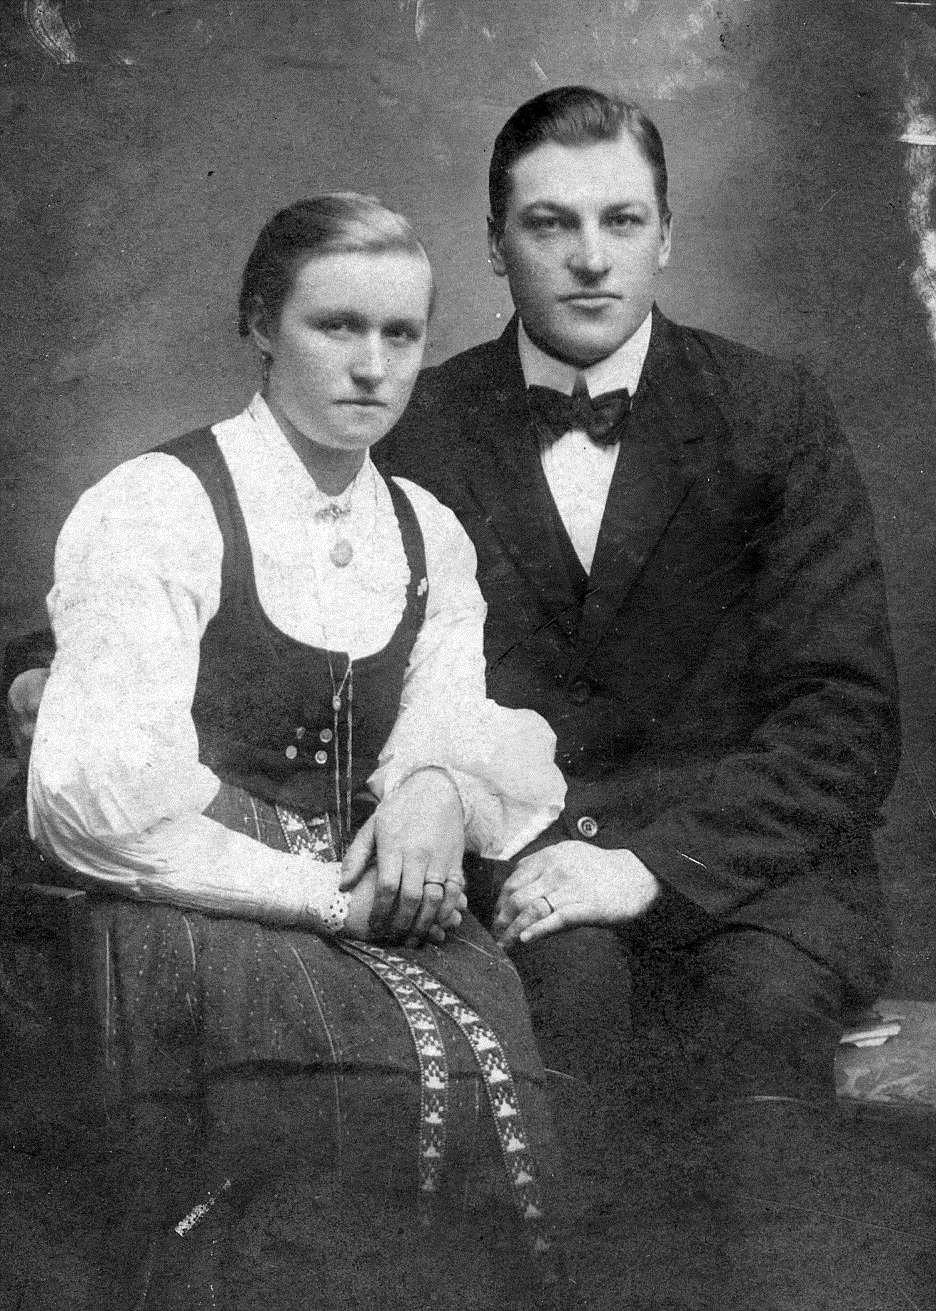 Här det unga paret Julanda och Artur Mitts.